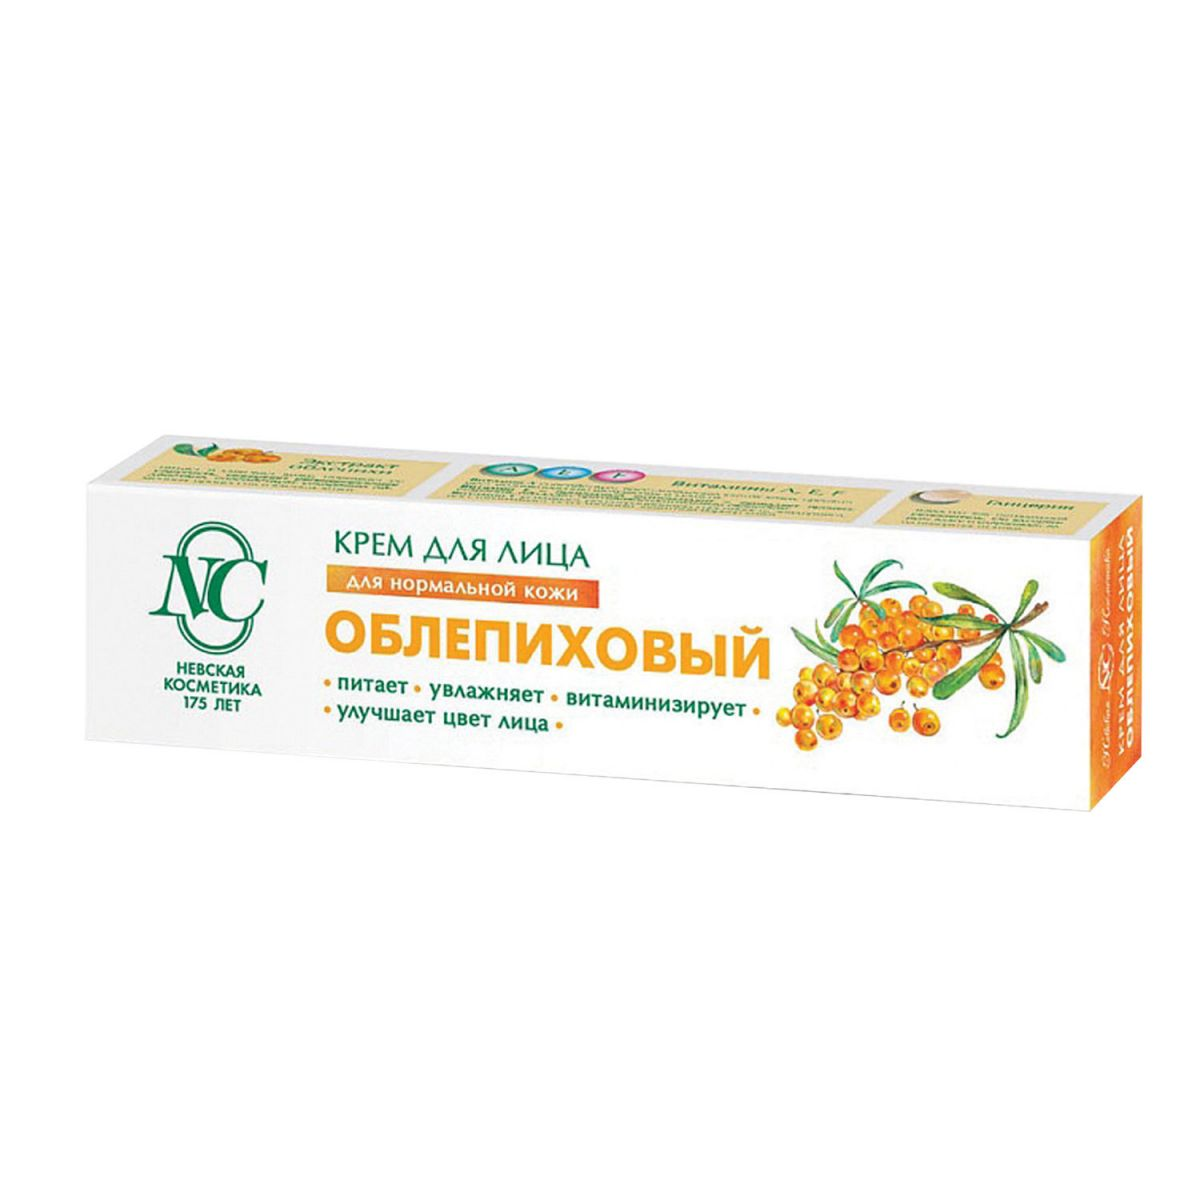 Купить невская косметика в украине купить косметику амвей в буденновске